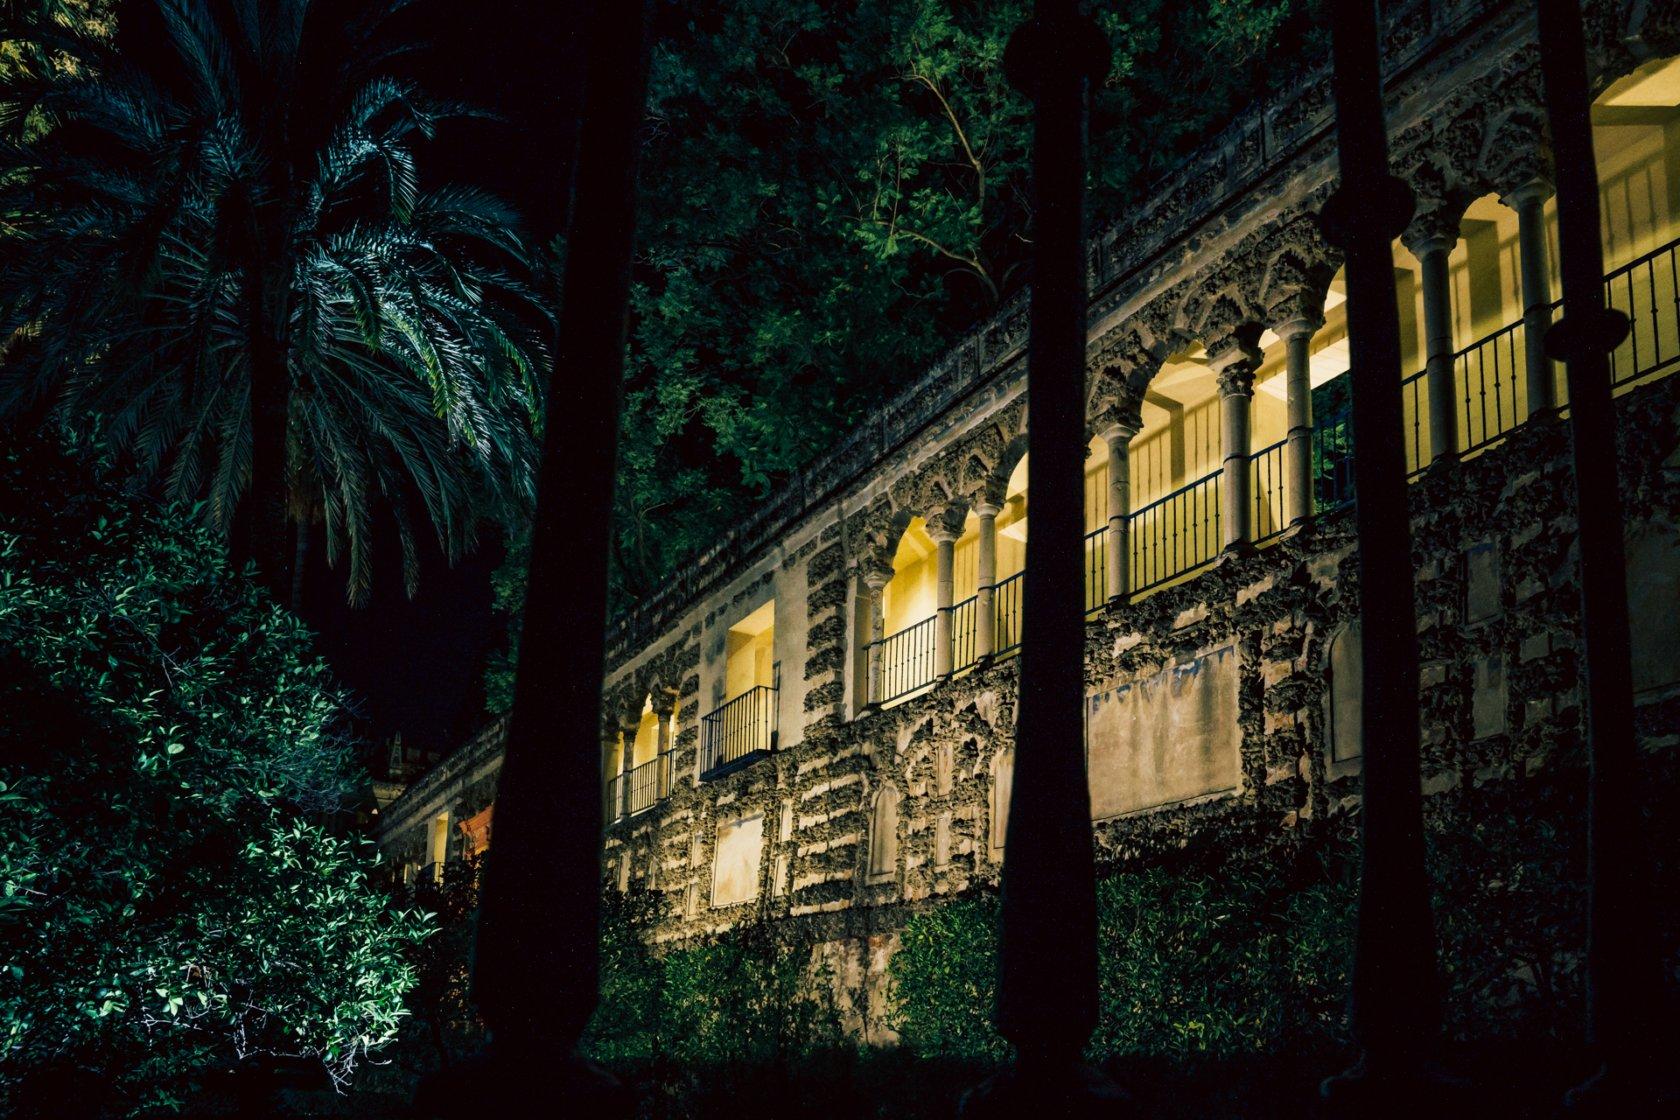 grutesco con palmeras visto a través de rejas